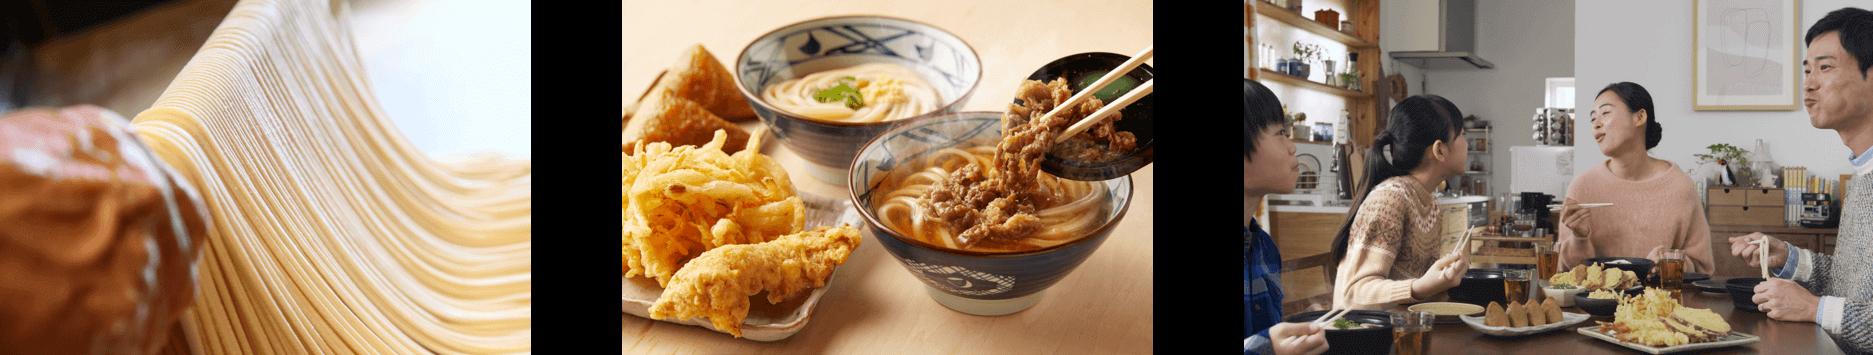 讃岐うどん専門店「丸亀製麺」の『冬の打ち立てセット』